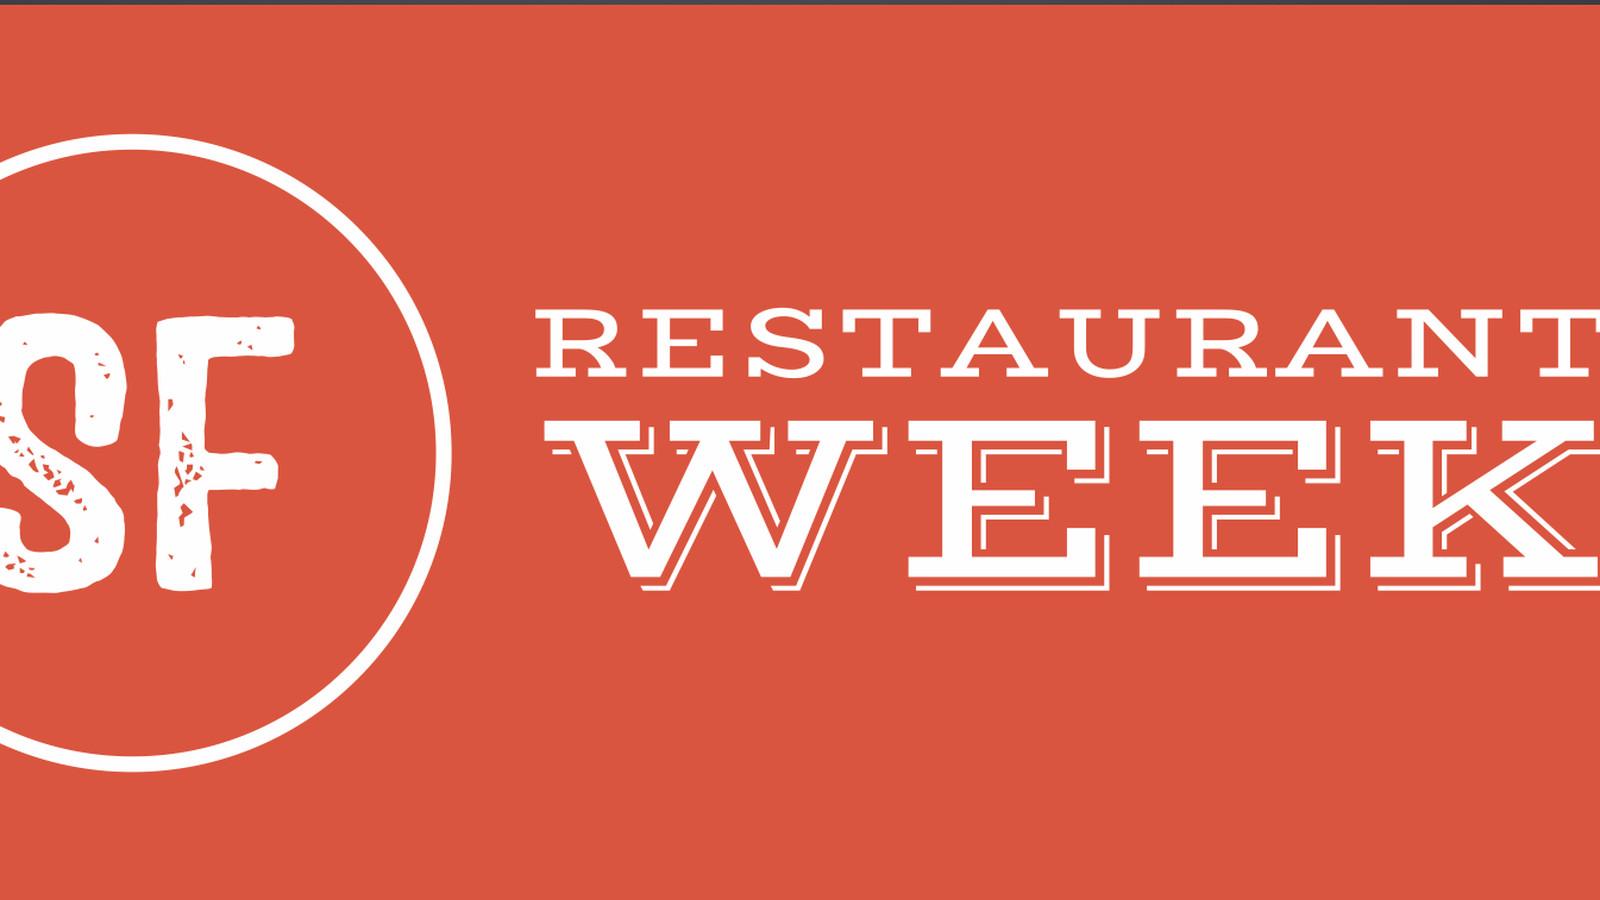 Best Restaurant Week Deals Dallas